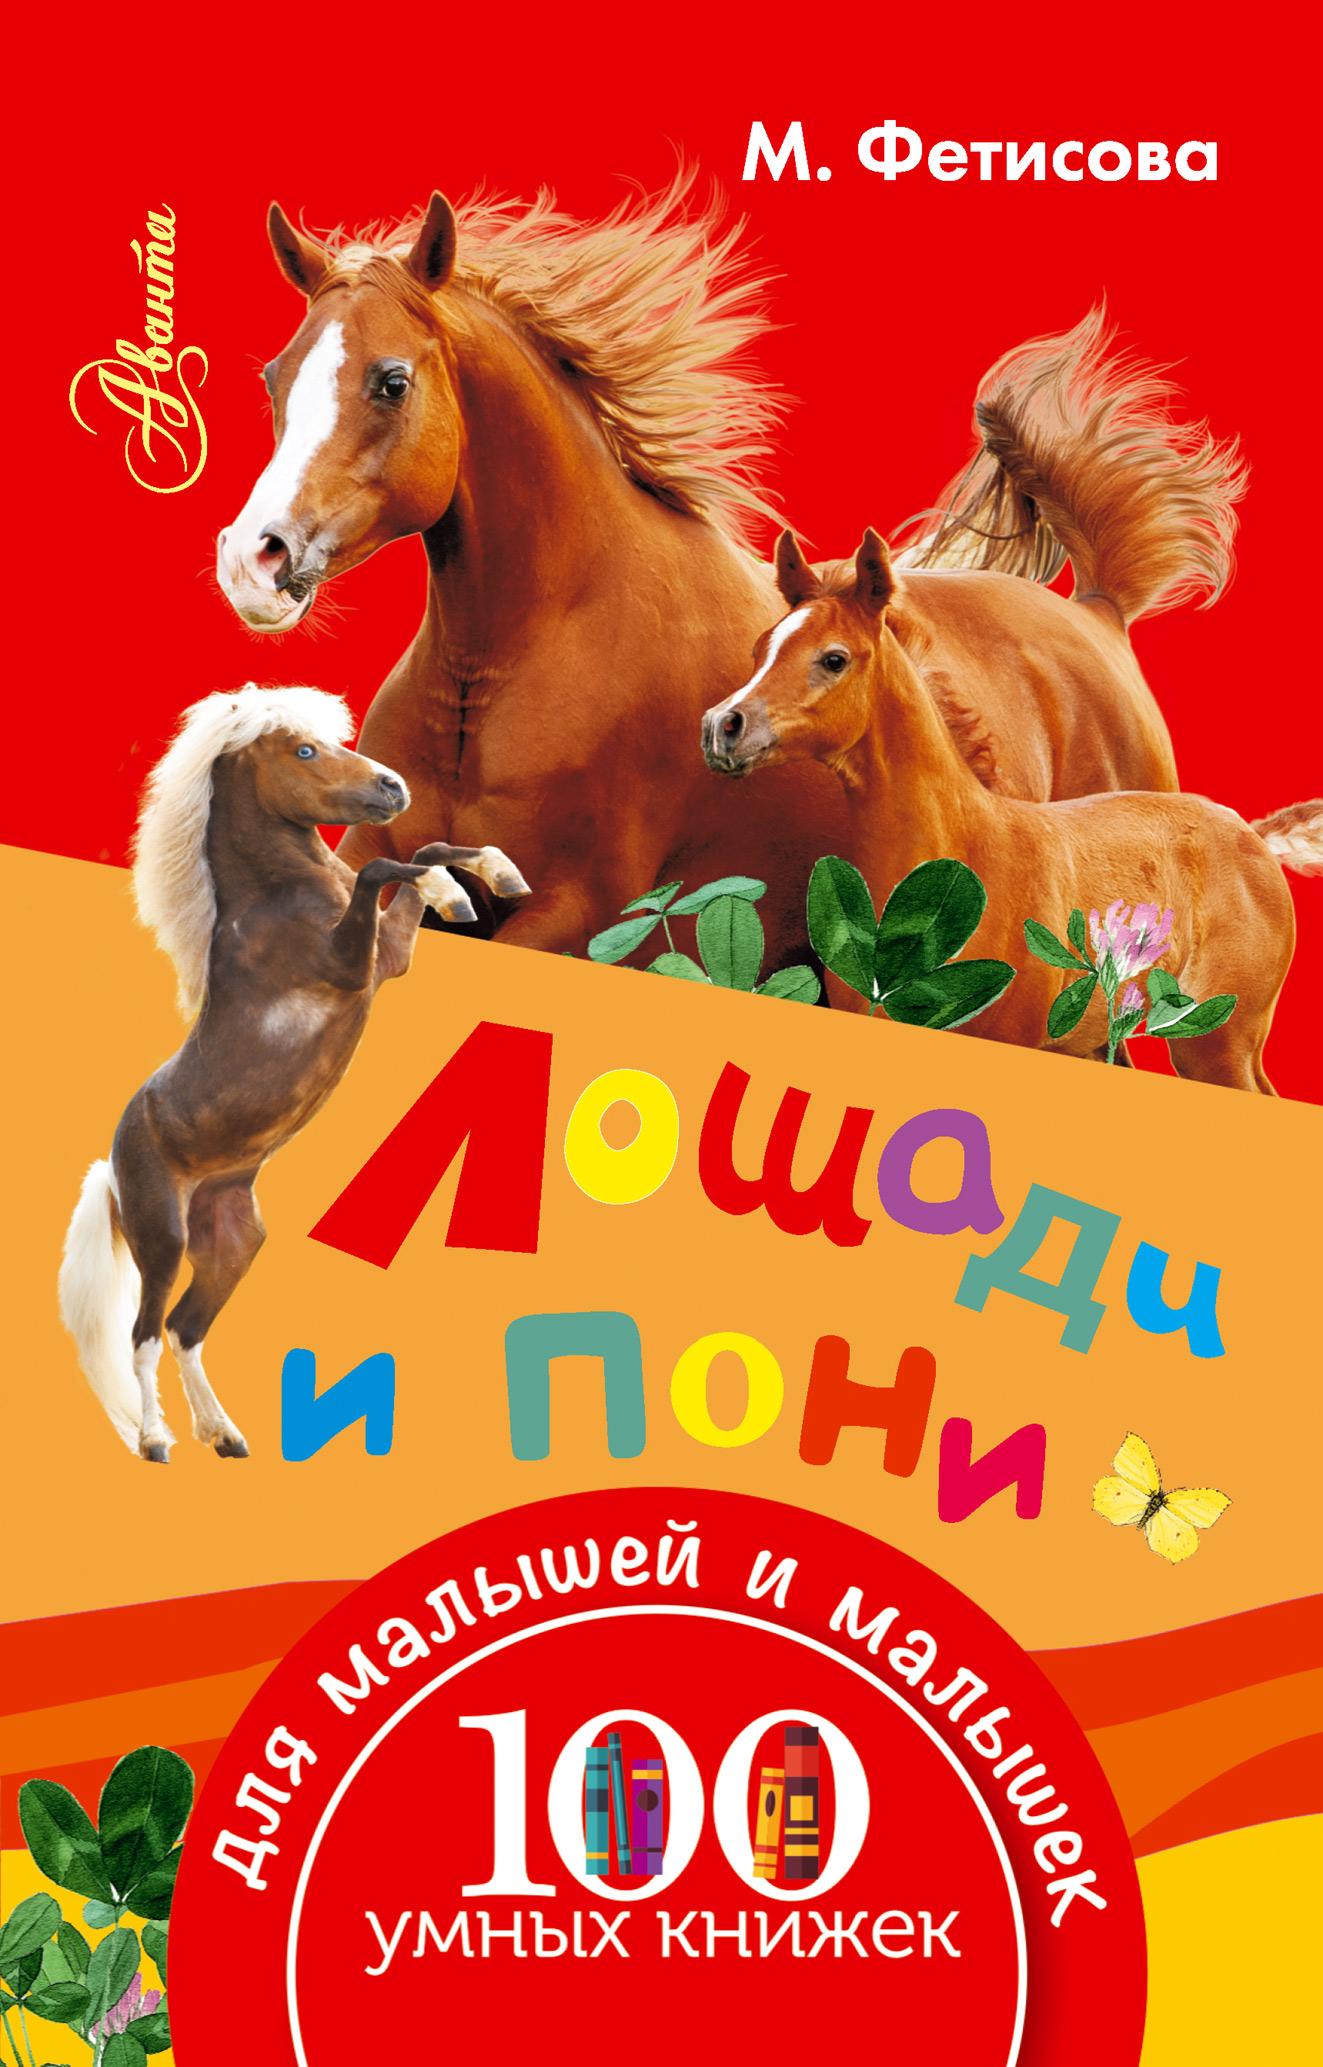 Мария Фетисова Лошади и пони сергей ахунов кентавры